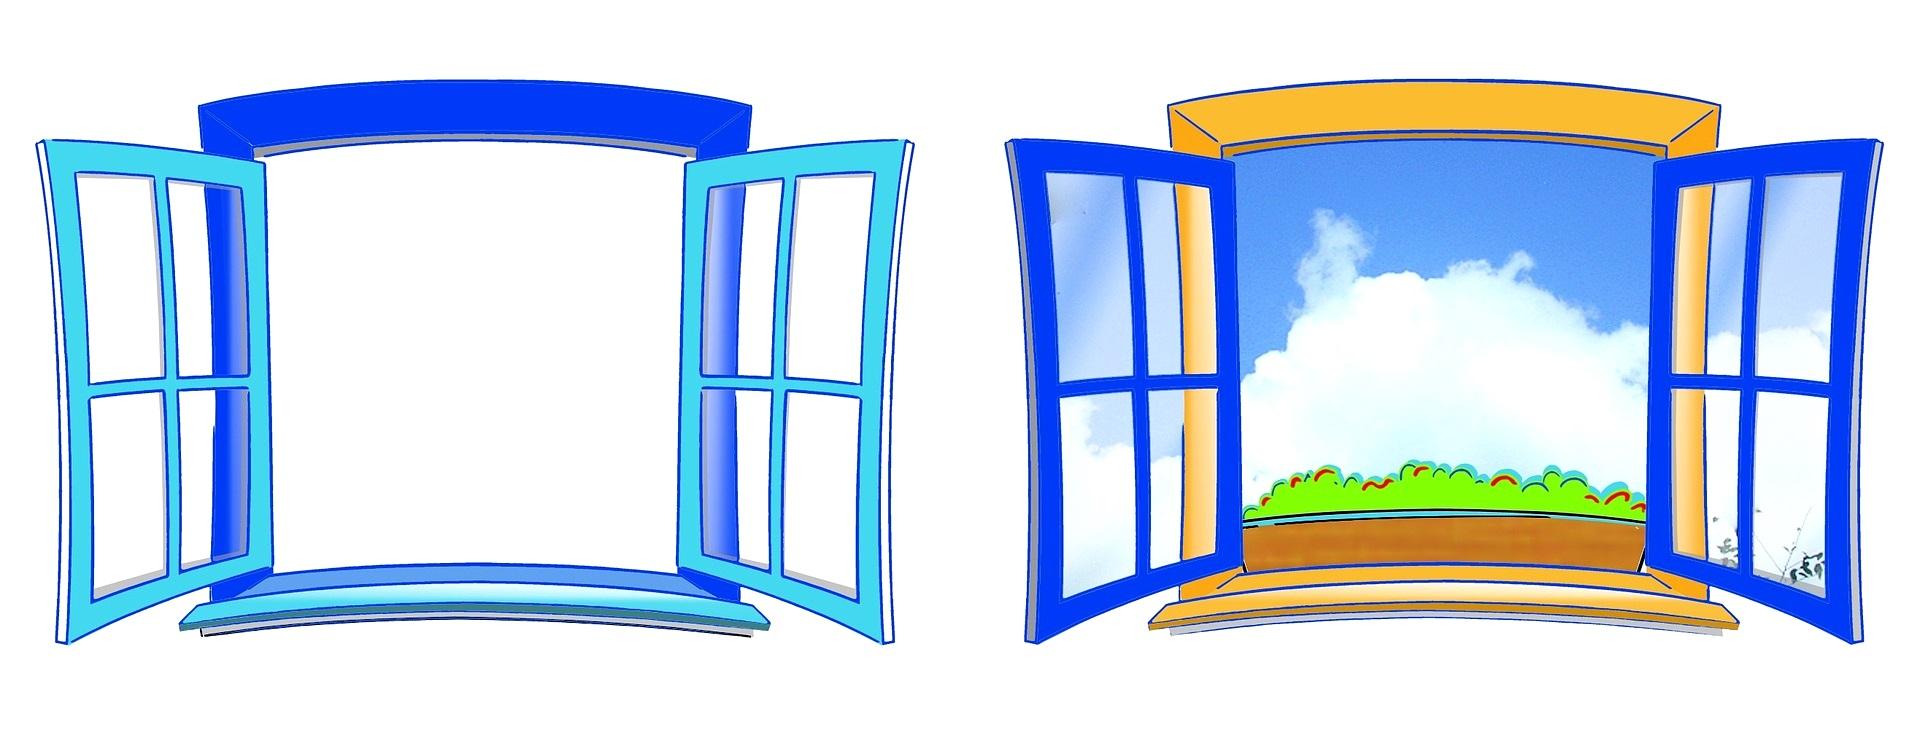 angenehmes optimales Raumklima Zuhause Wohnbereich lüften heizen wohlfühlen Temperatur Balance Feuchtigkeit Hygrometer Schimmel Zustand Fenster